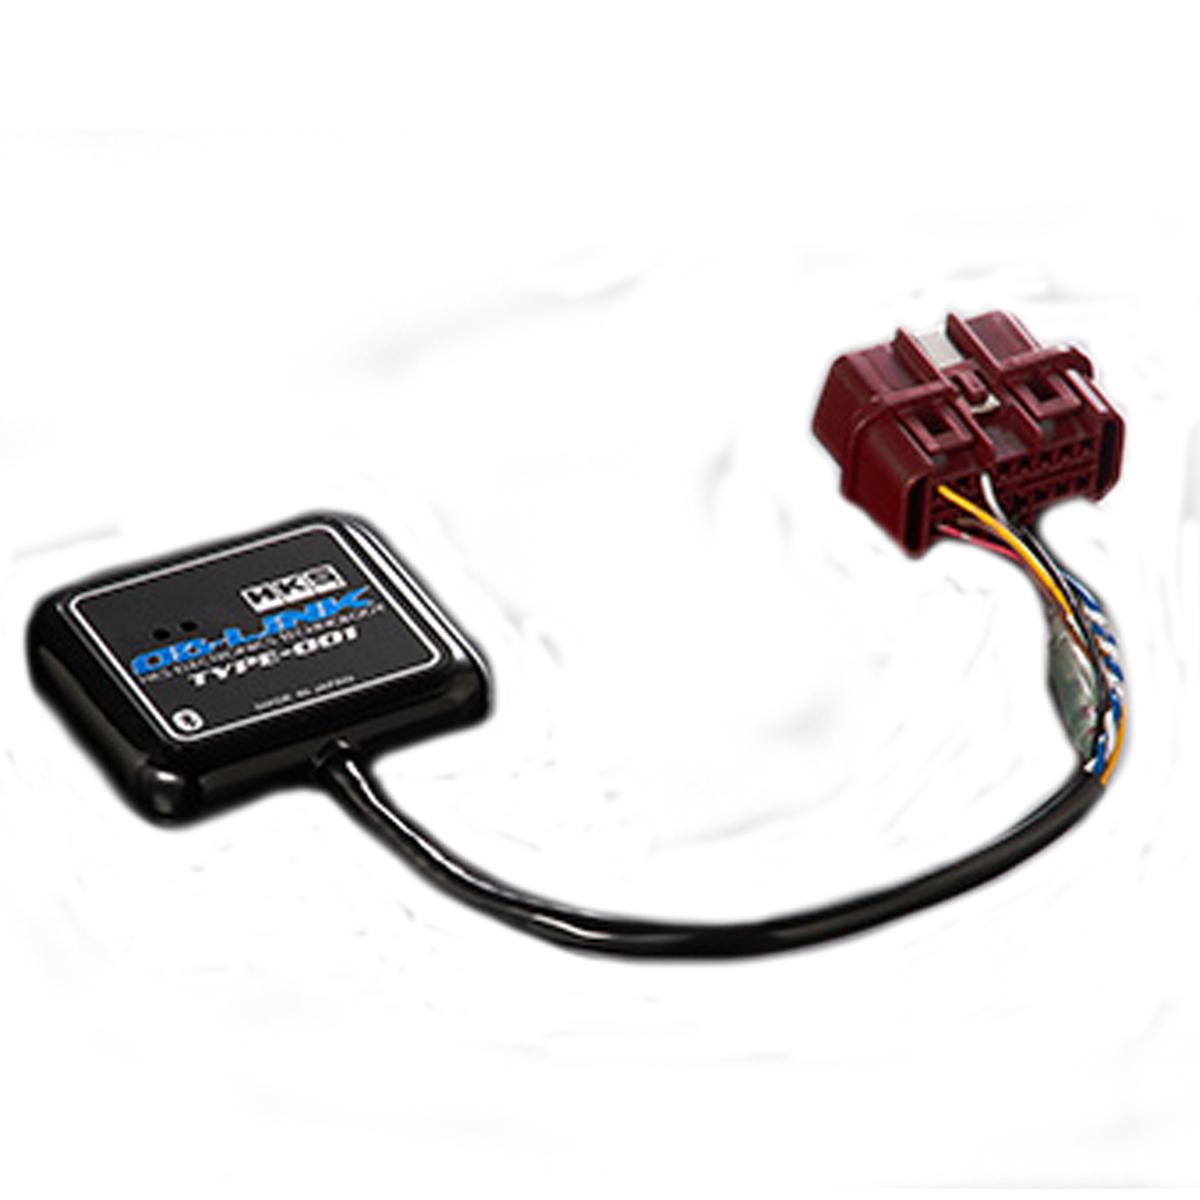 プリウス モニター OBリンク タイプ 001 ZVW51 HKS 44009-AK002 エレクトリニクス 個人宅発送追金有